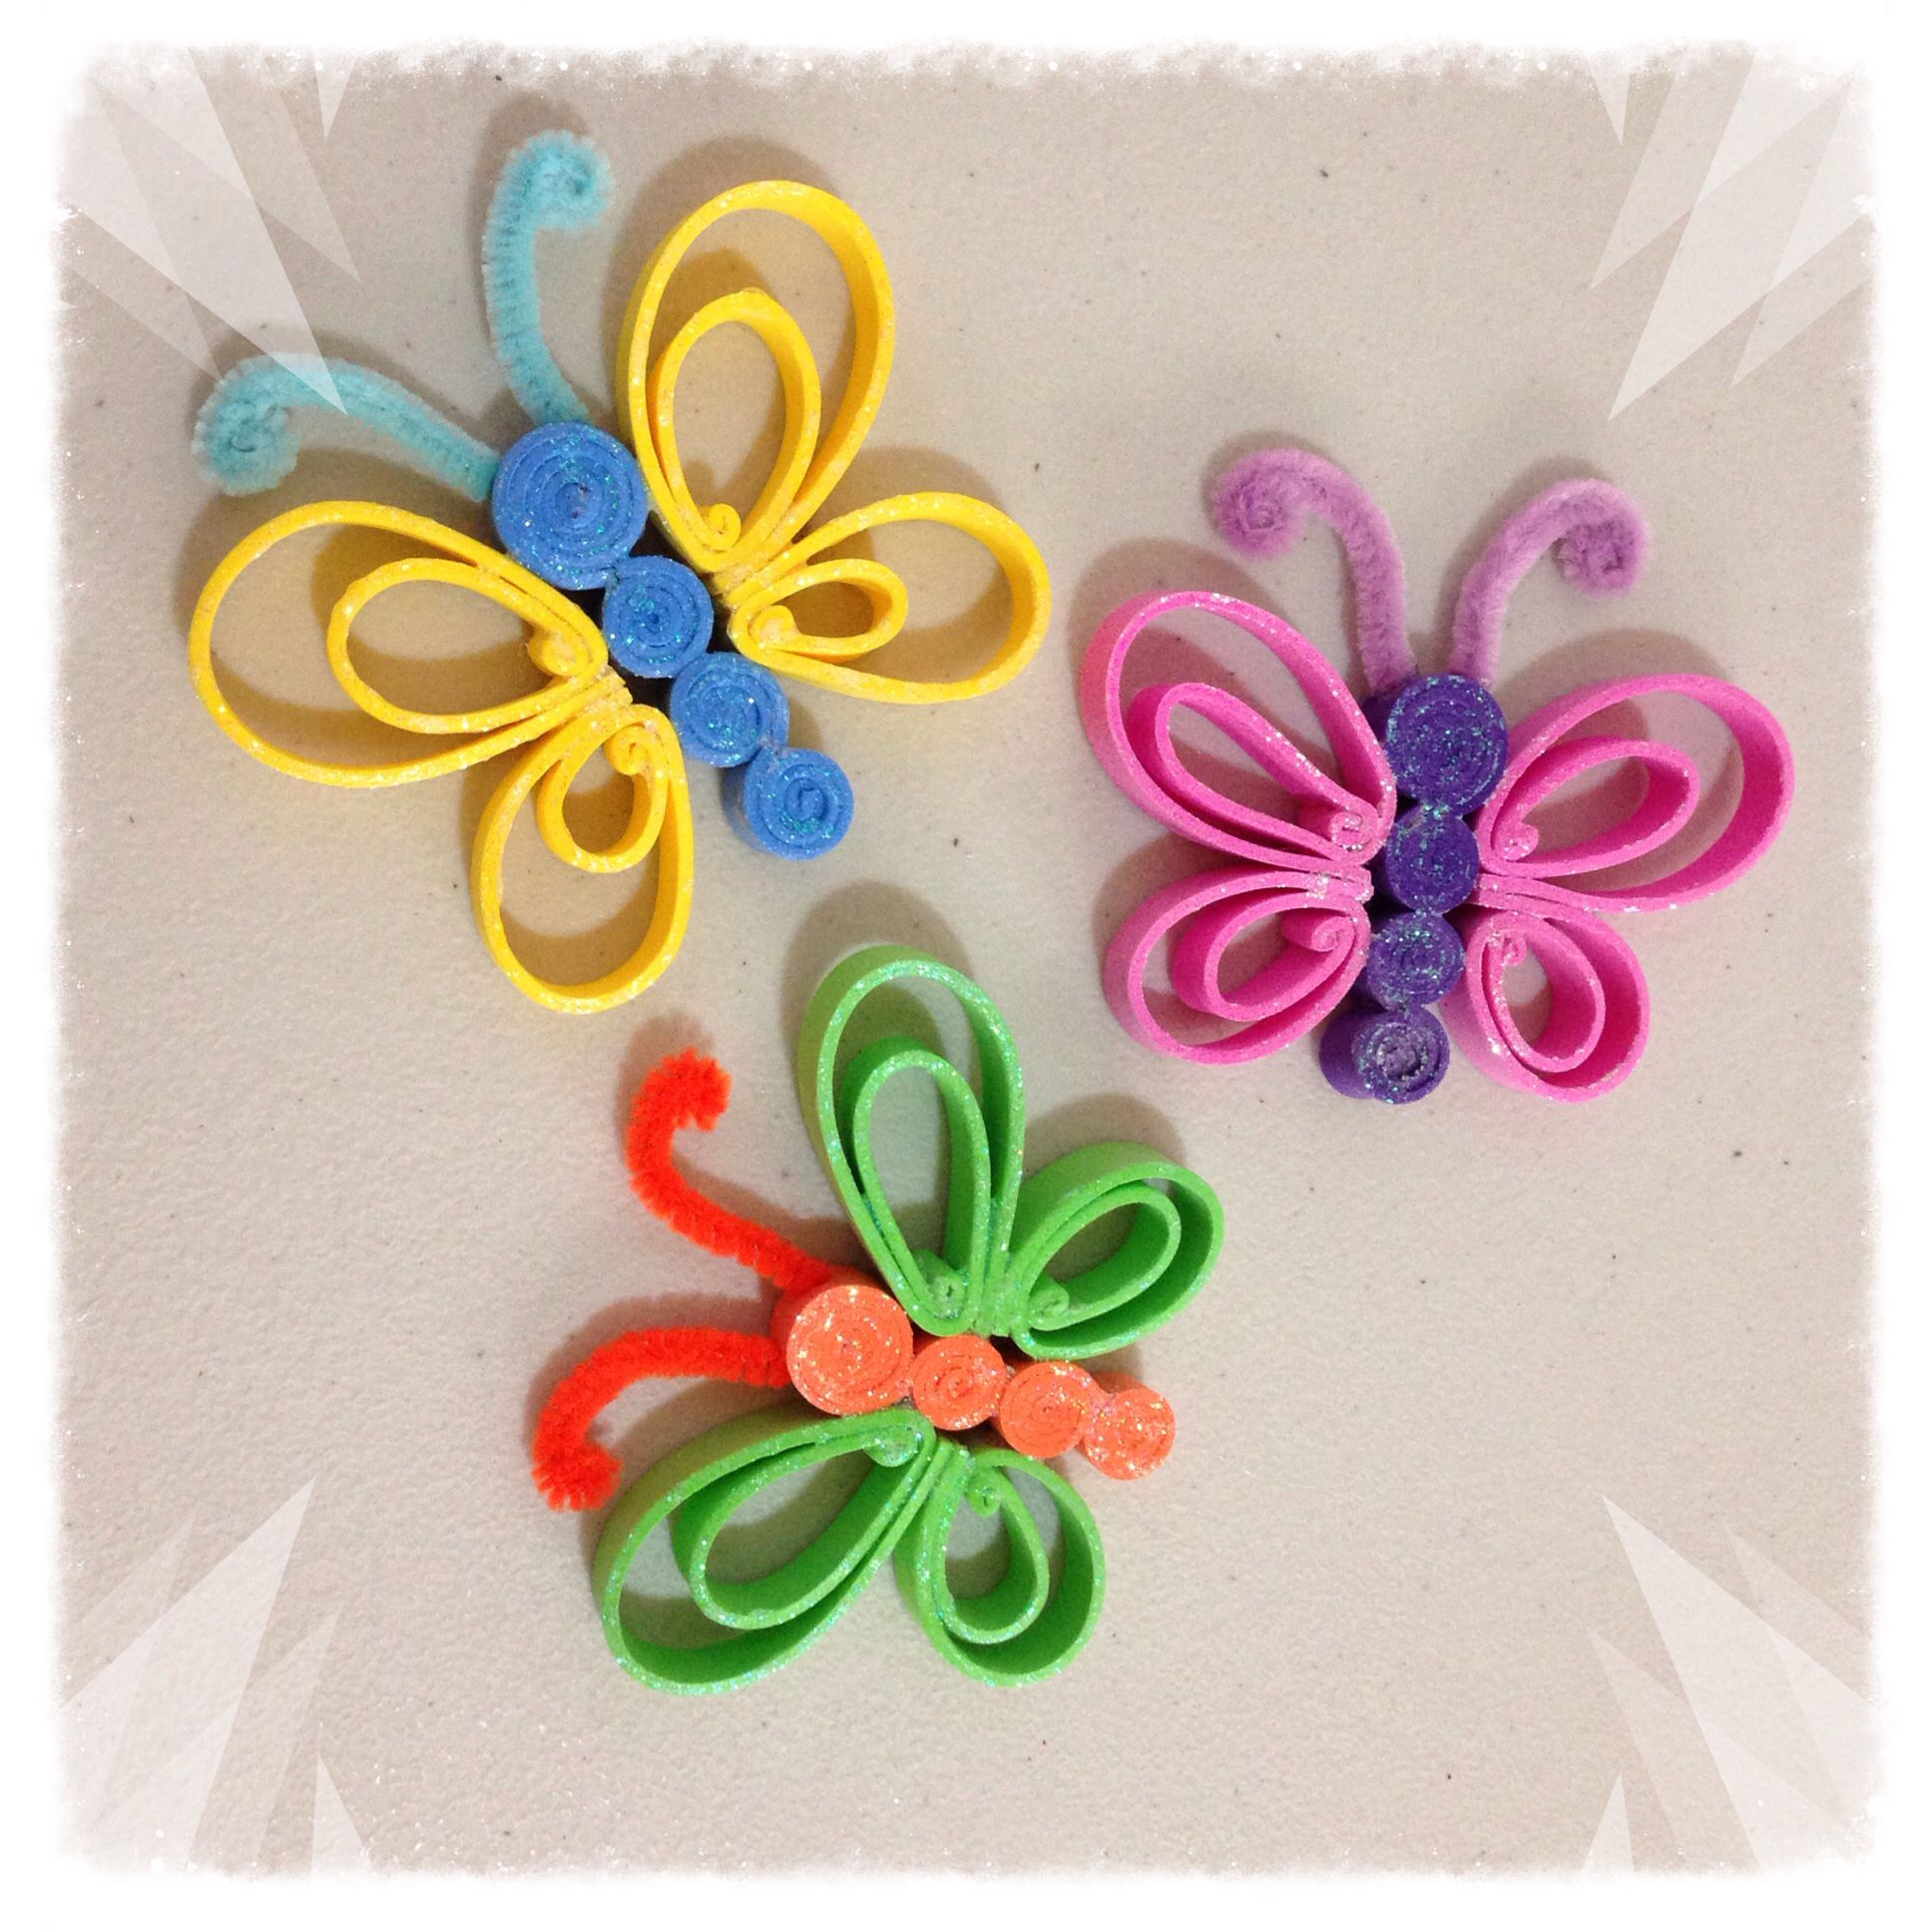 Mariposas con tiras de foamy manualidades con foamy - Manualidades faciles reciclaje ...